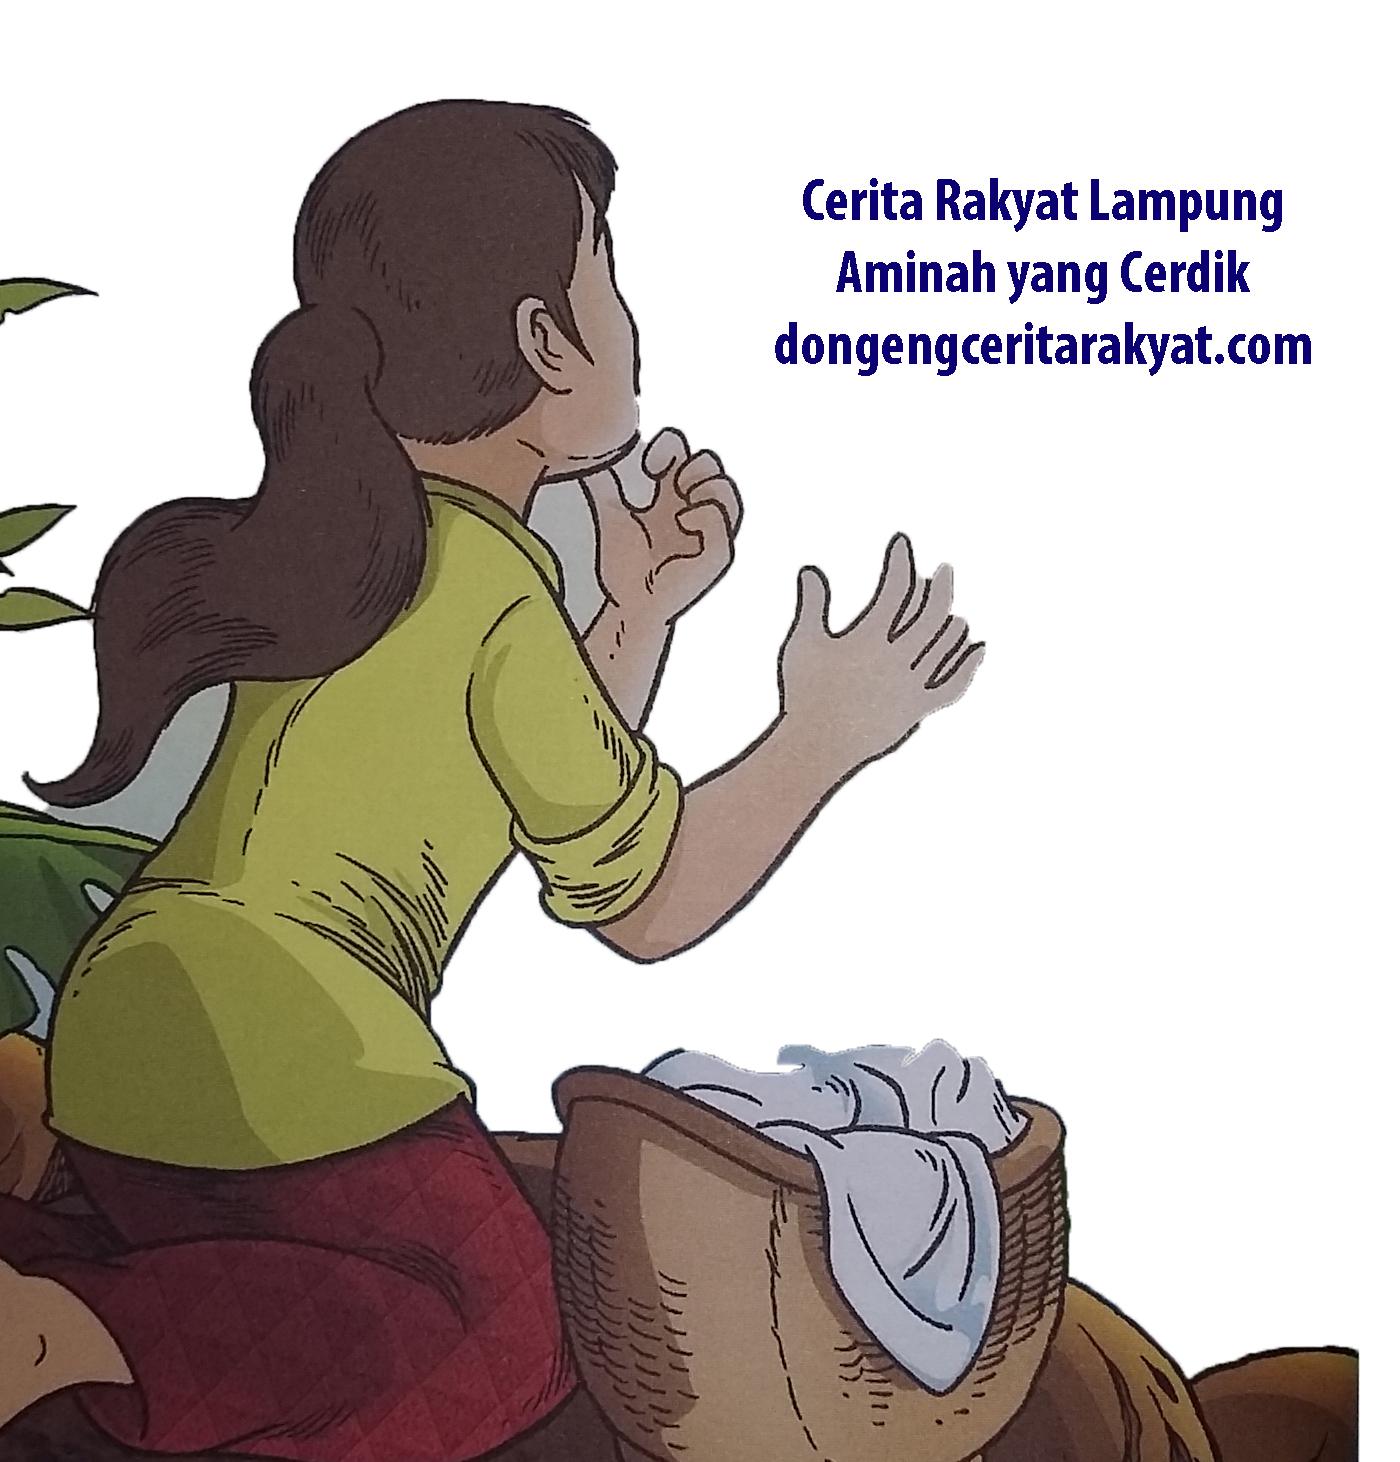 Cerita Rakyat Lampung Aminah yang Cerdik